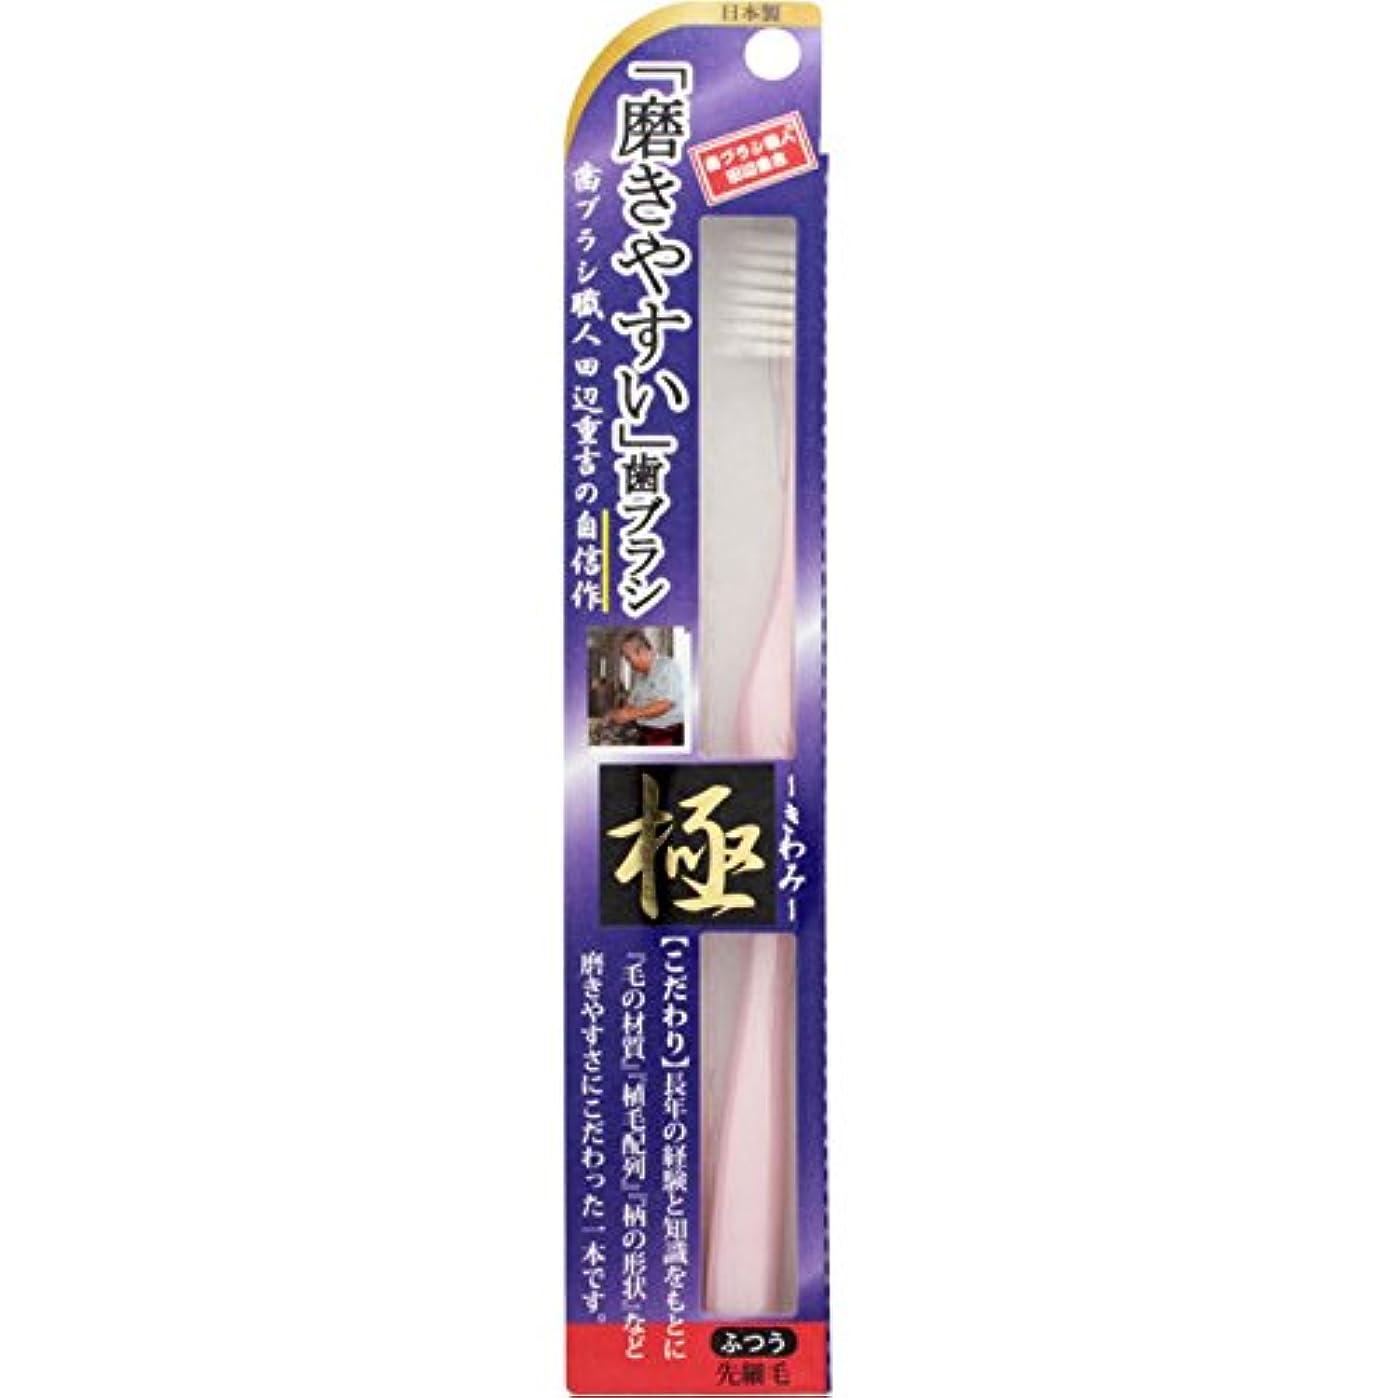 組み立てる環境に優しいオーバーフロー磨きやすい歯ブラシ 極 LT-22